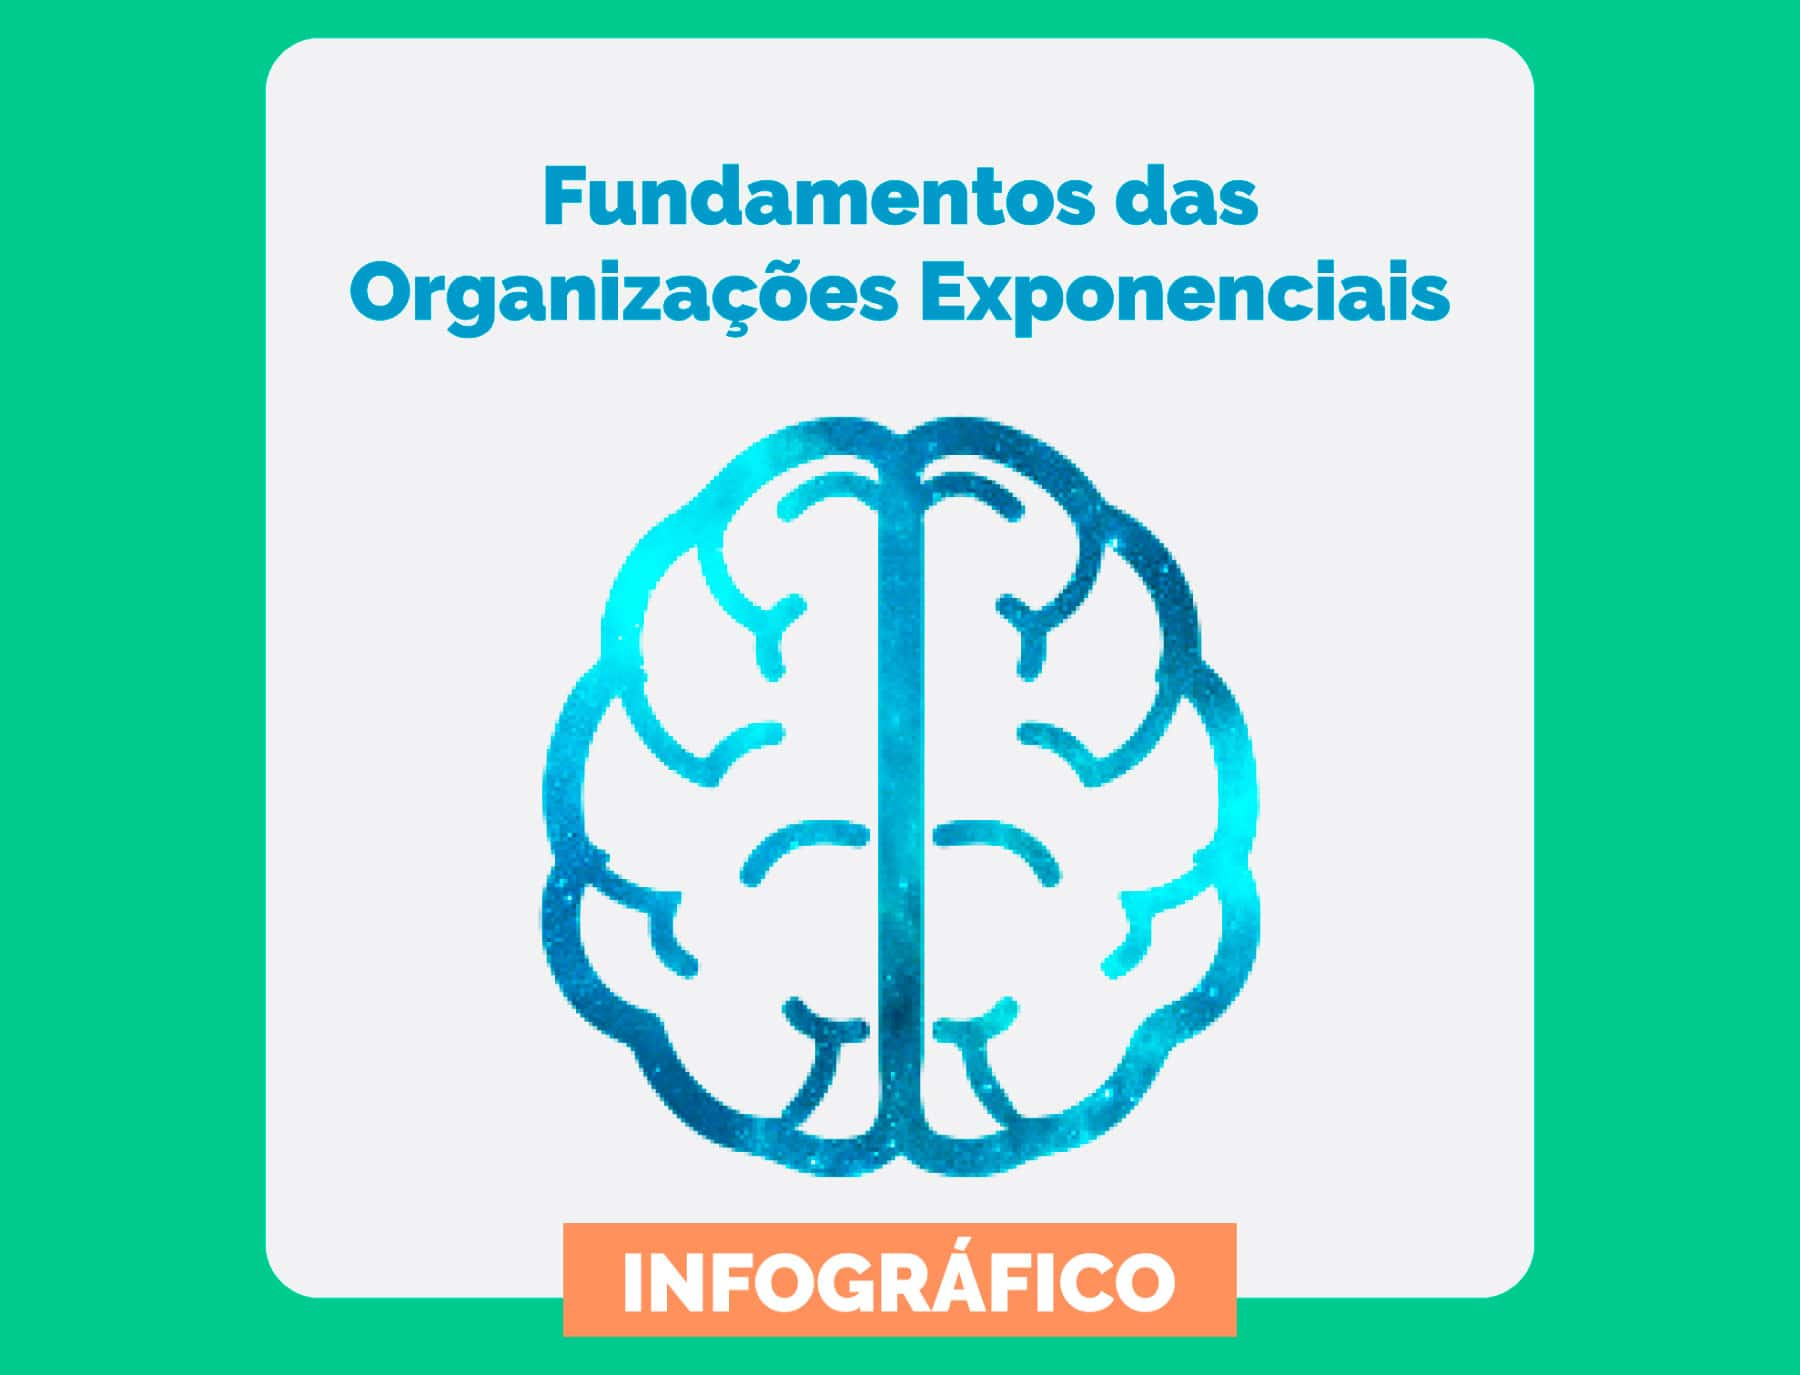 infografico-organizacoes-exponenciais